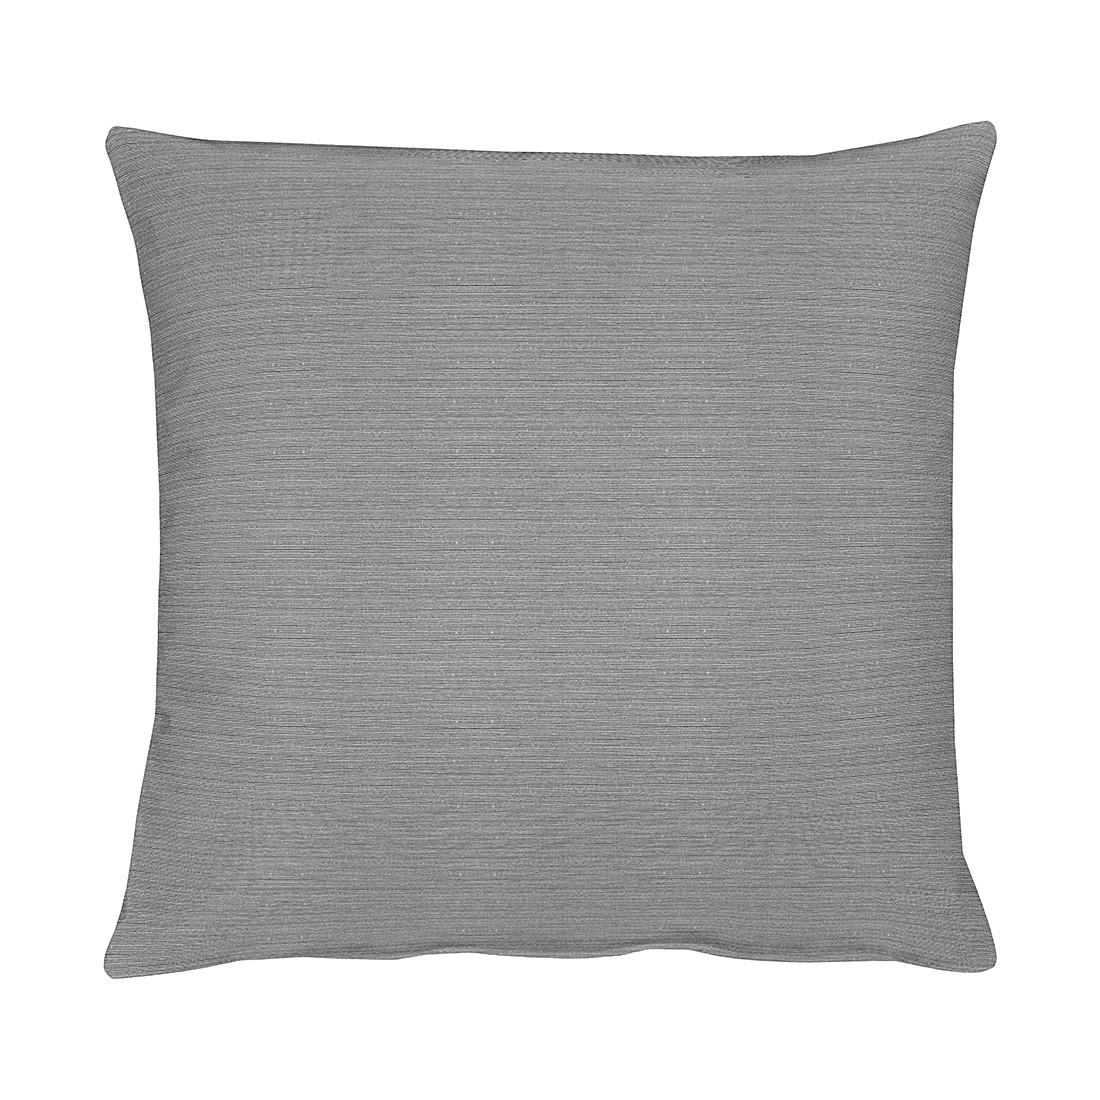 Home 24 - Housse de coussin tizian - argenté gris - 40 x 40 cm, apelt